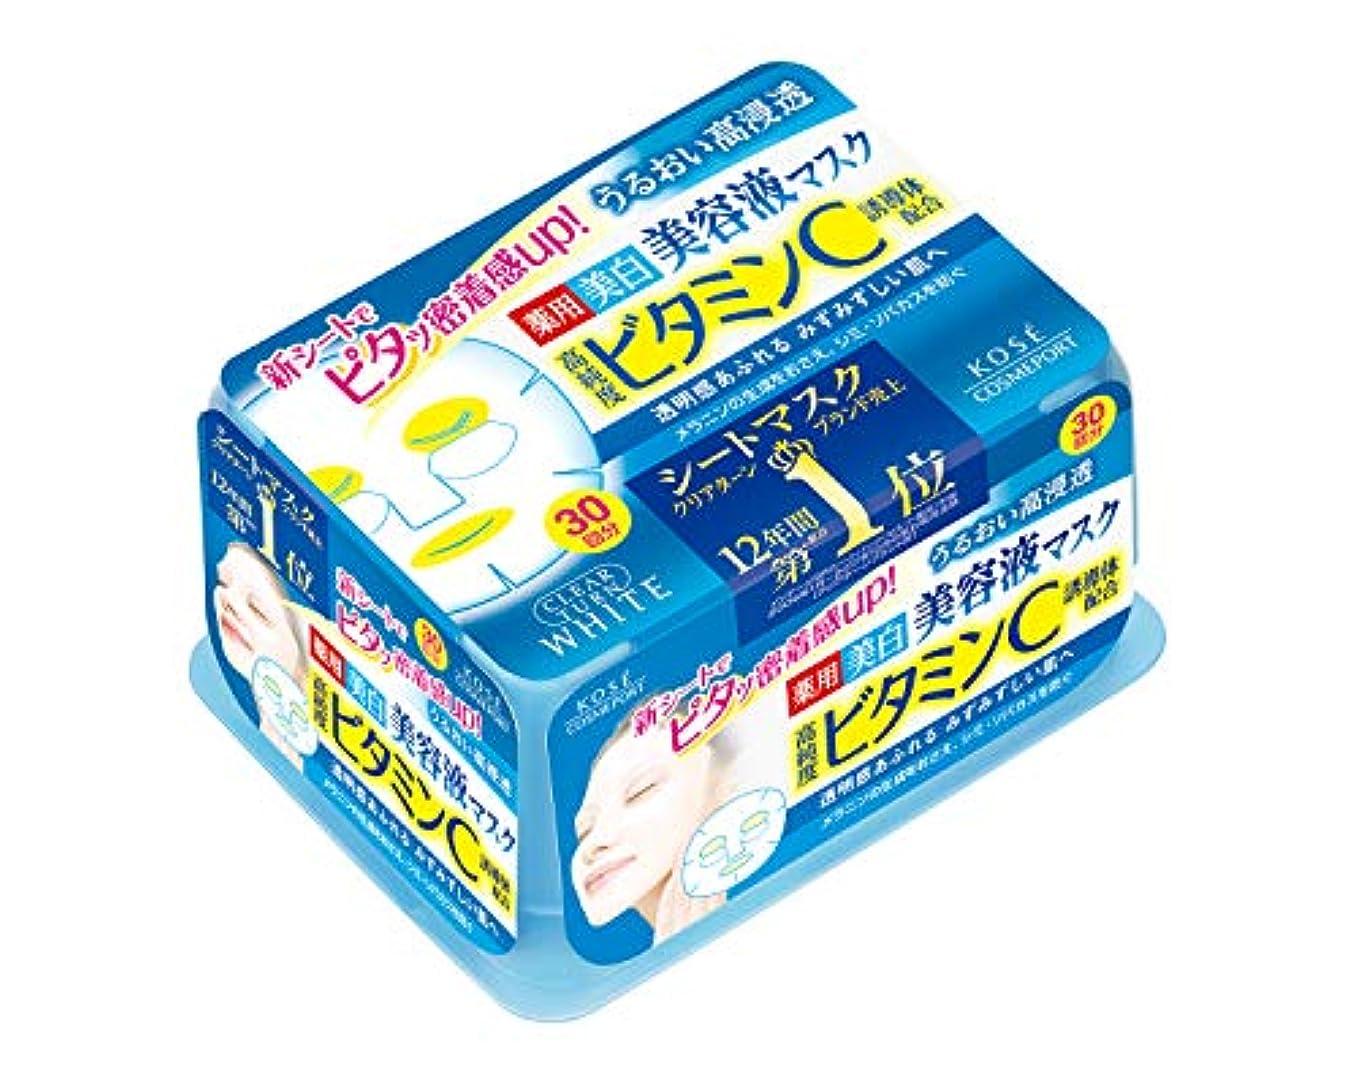 ミットバックアップシンジケートKOSE クリアターン エッセンスマスク (ビタミンC) 30回分